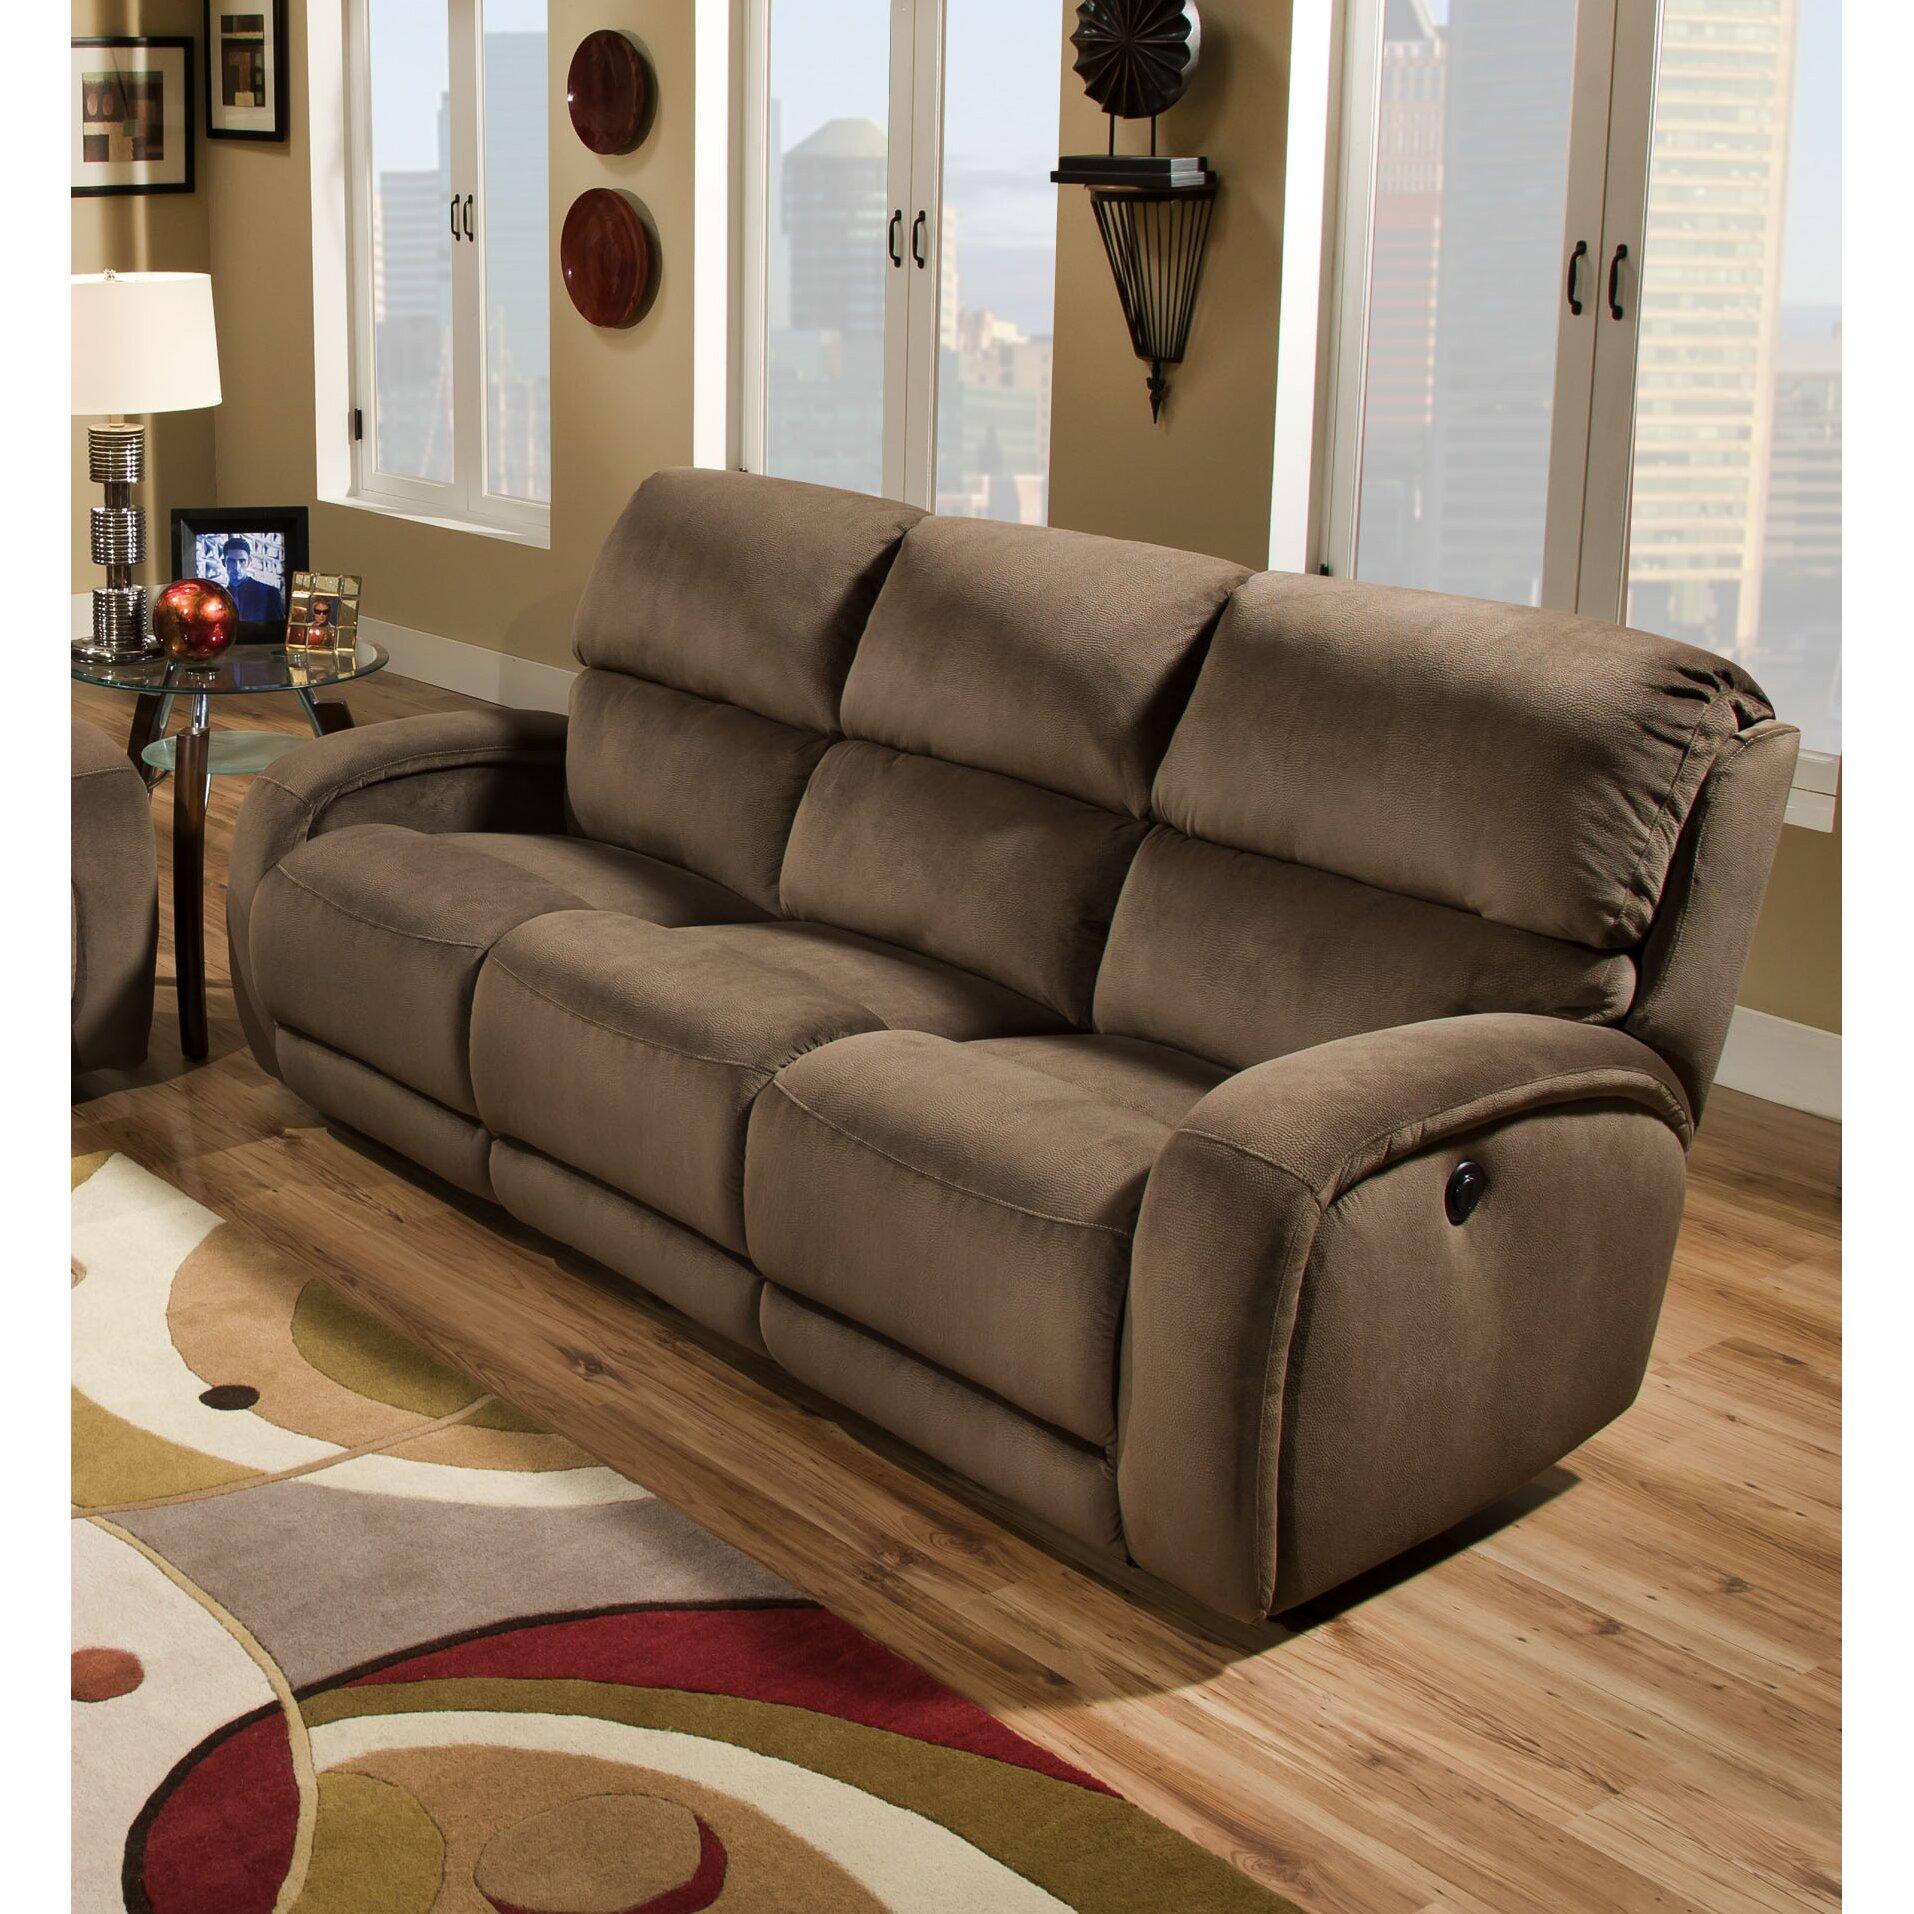 Fandango Double Reclining Sofa Wayfair